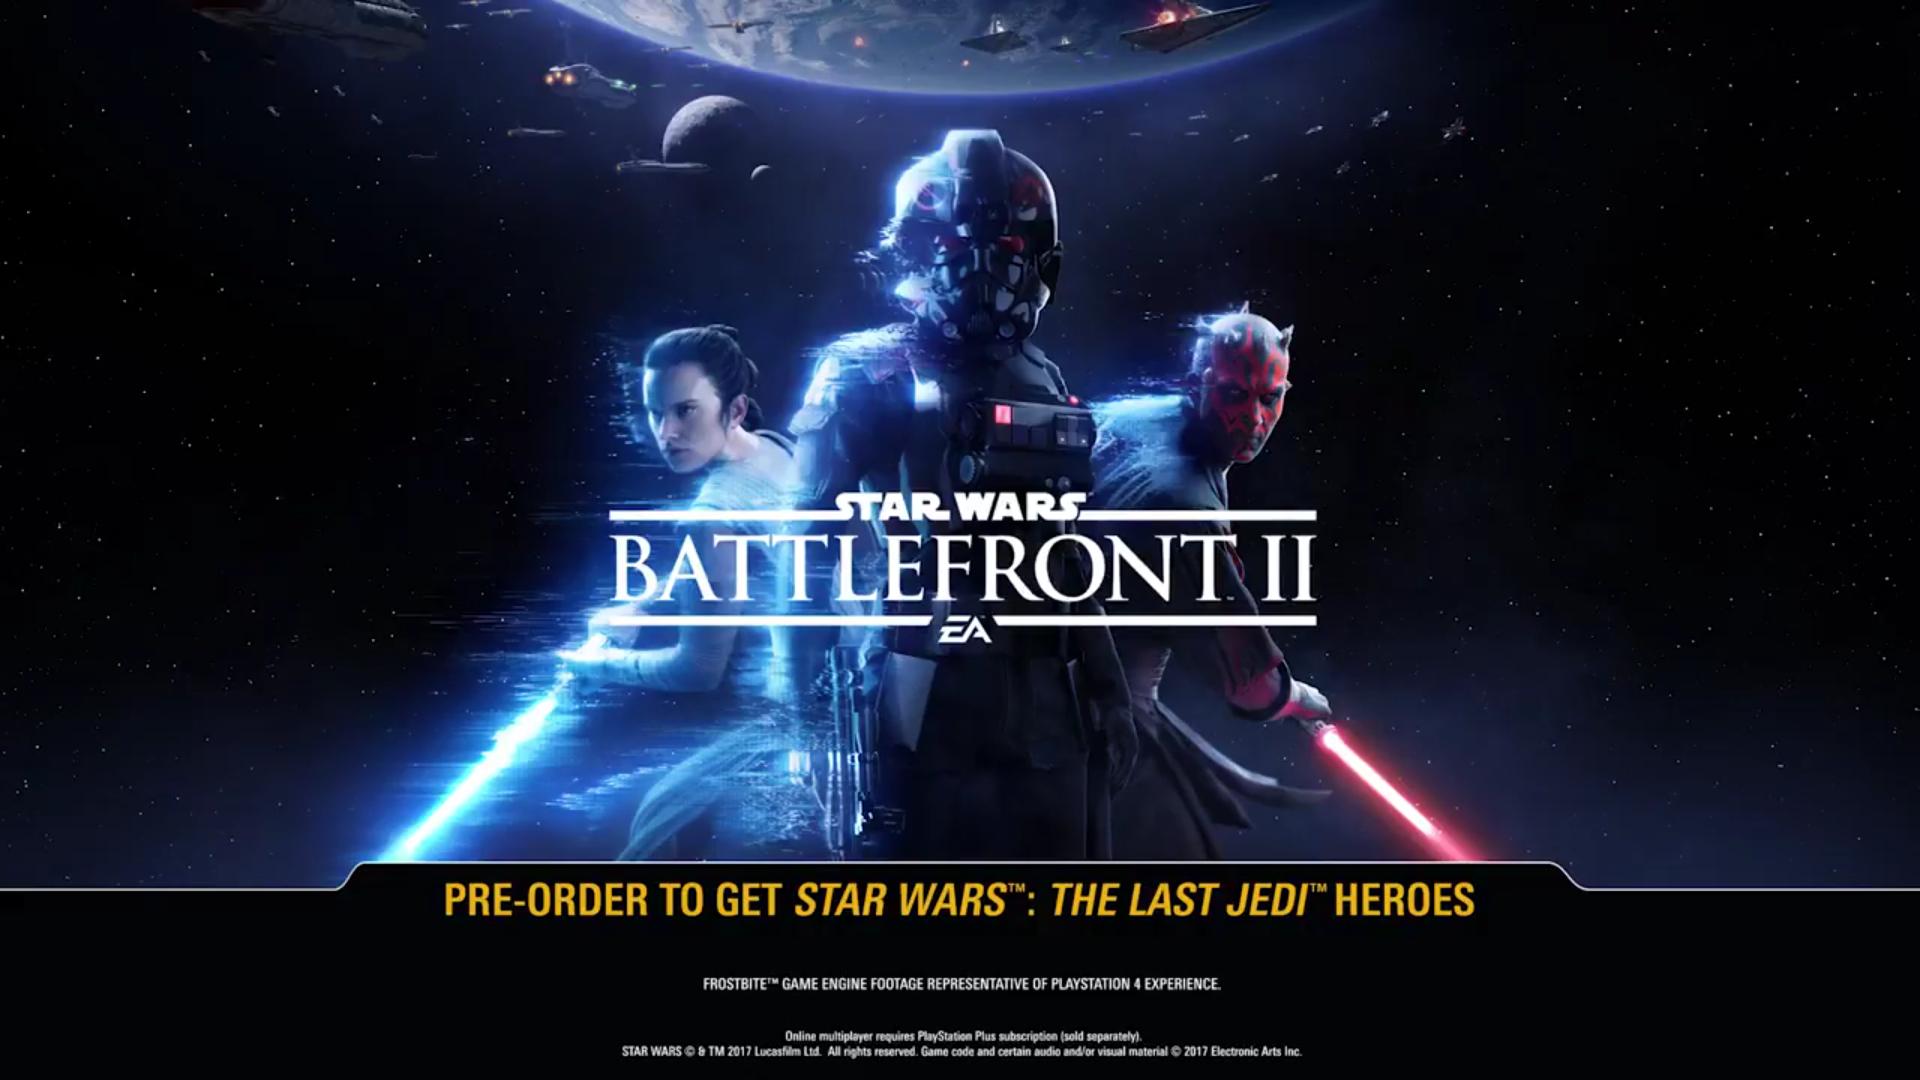 Star Wars Battlefront II Teaser Leaks Online Early 33